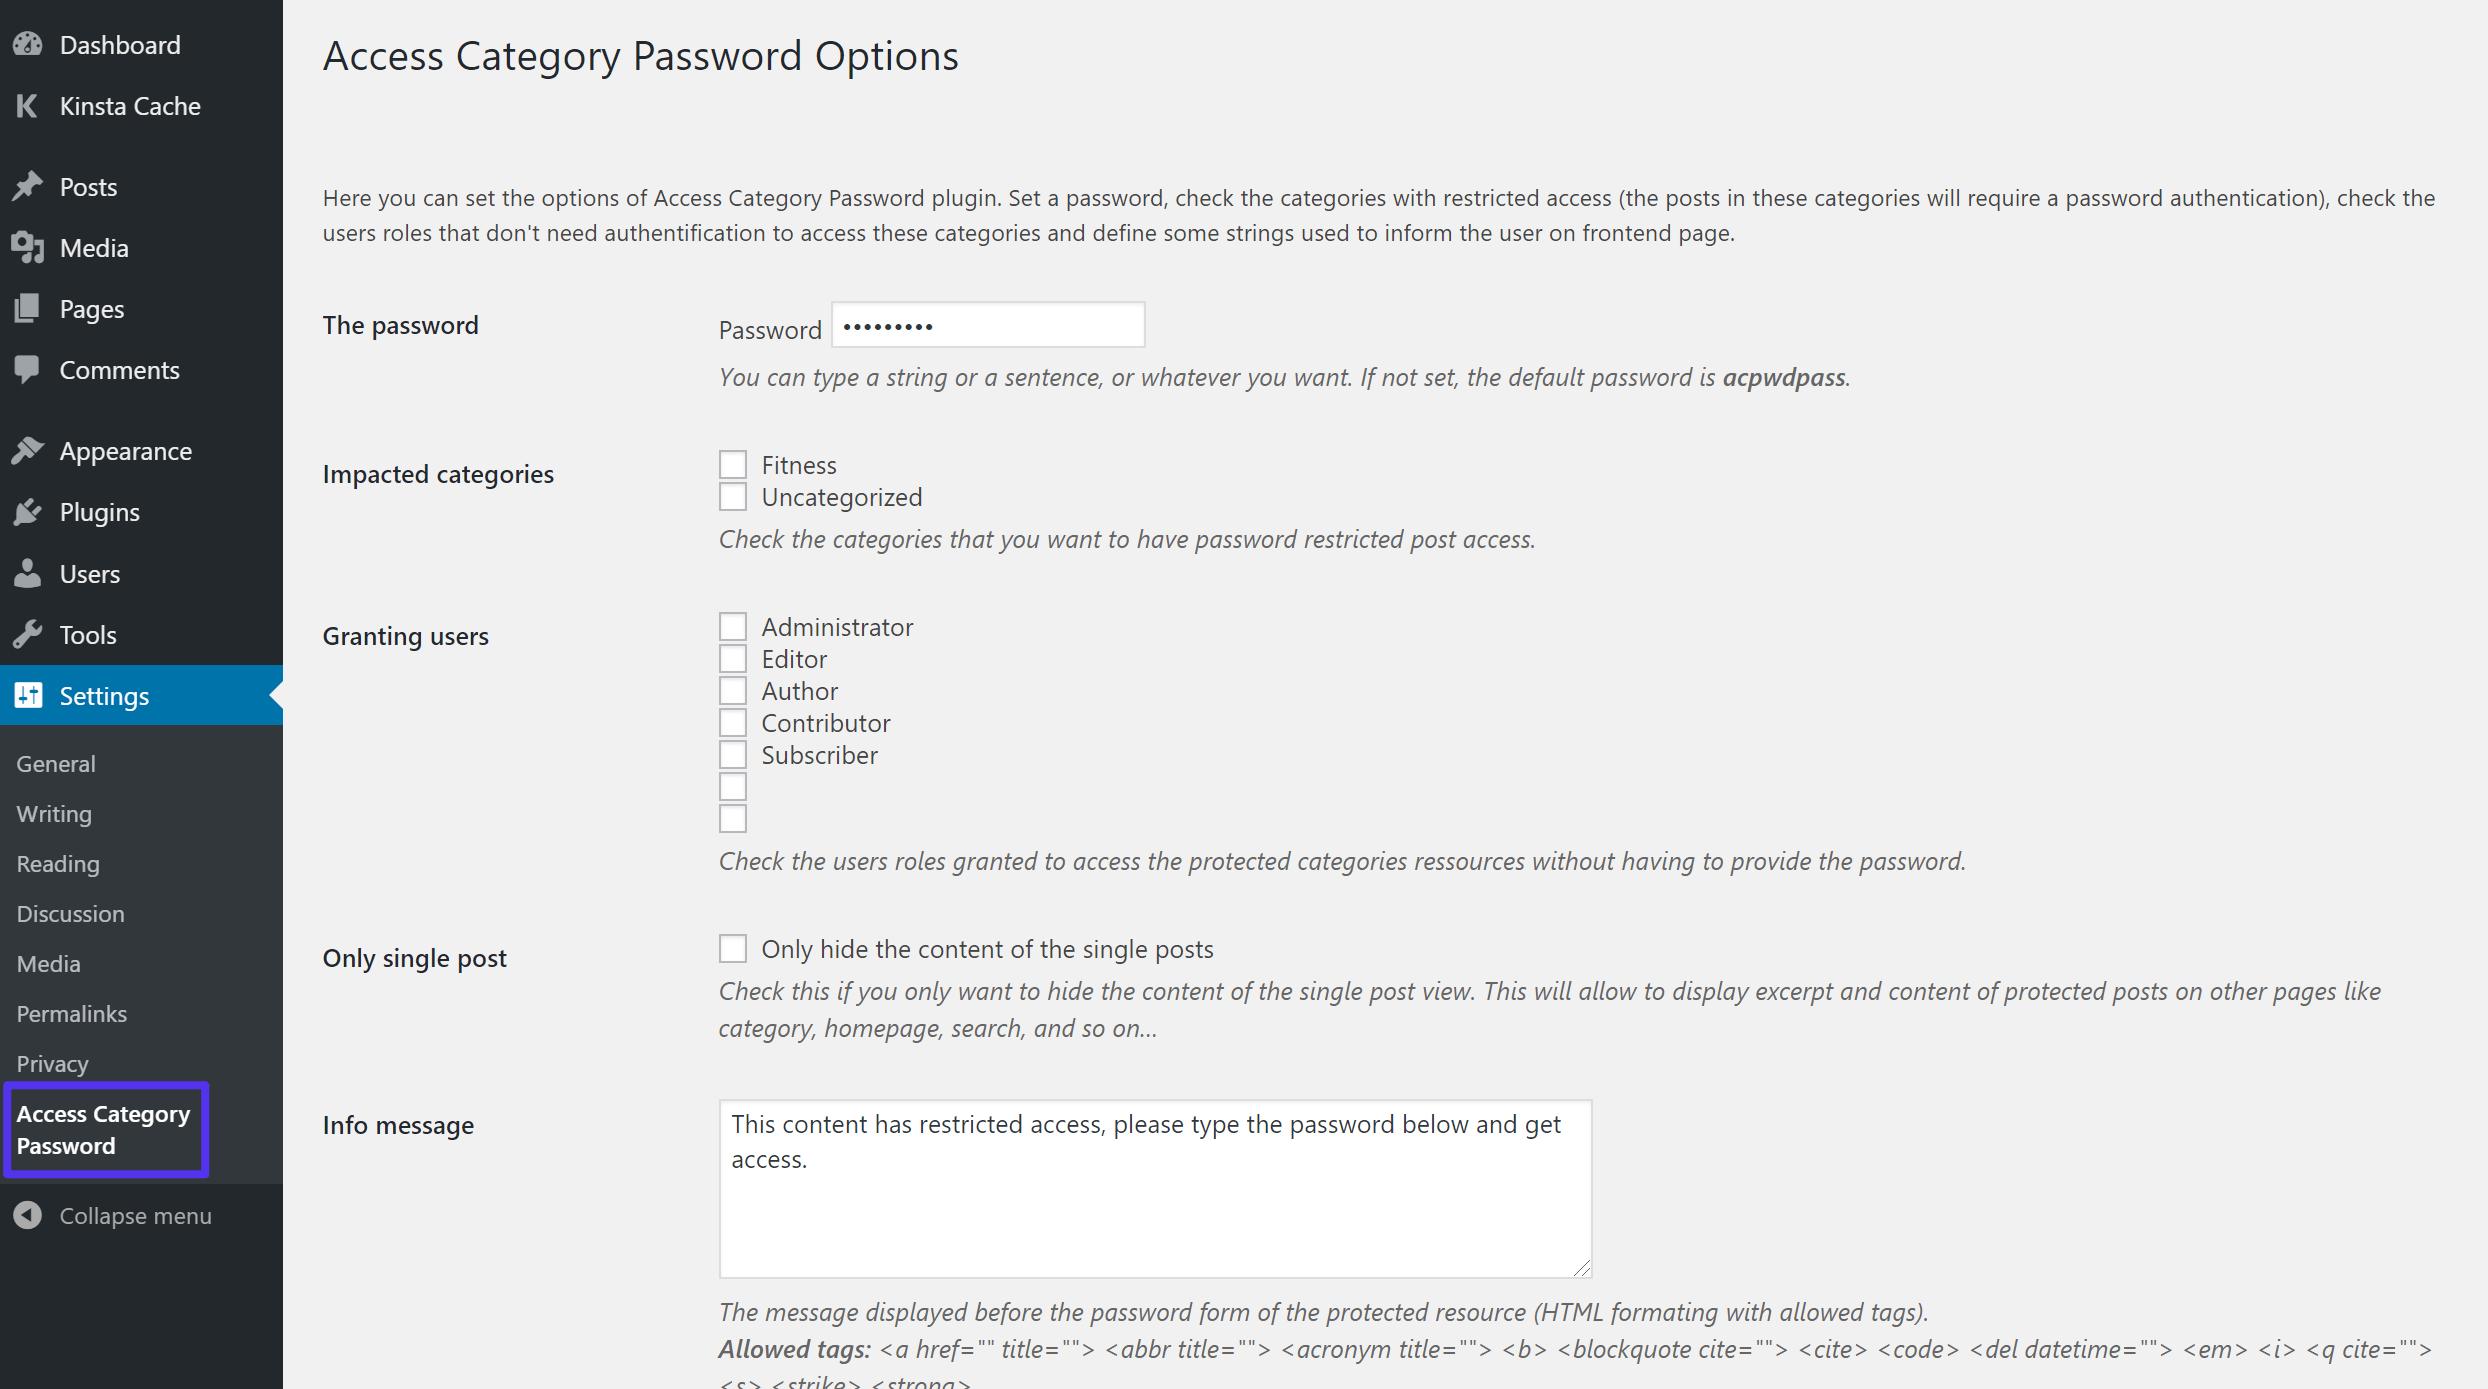 Categoría de acceso Configuración de la contraseña